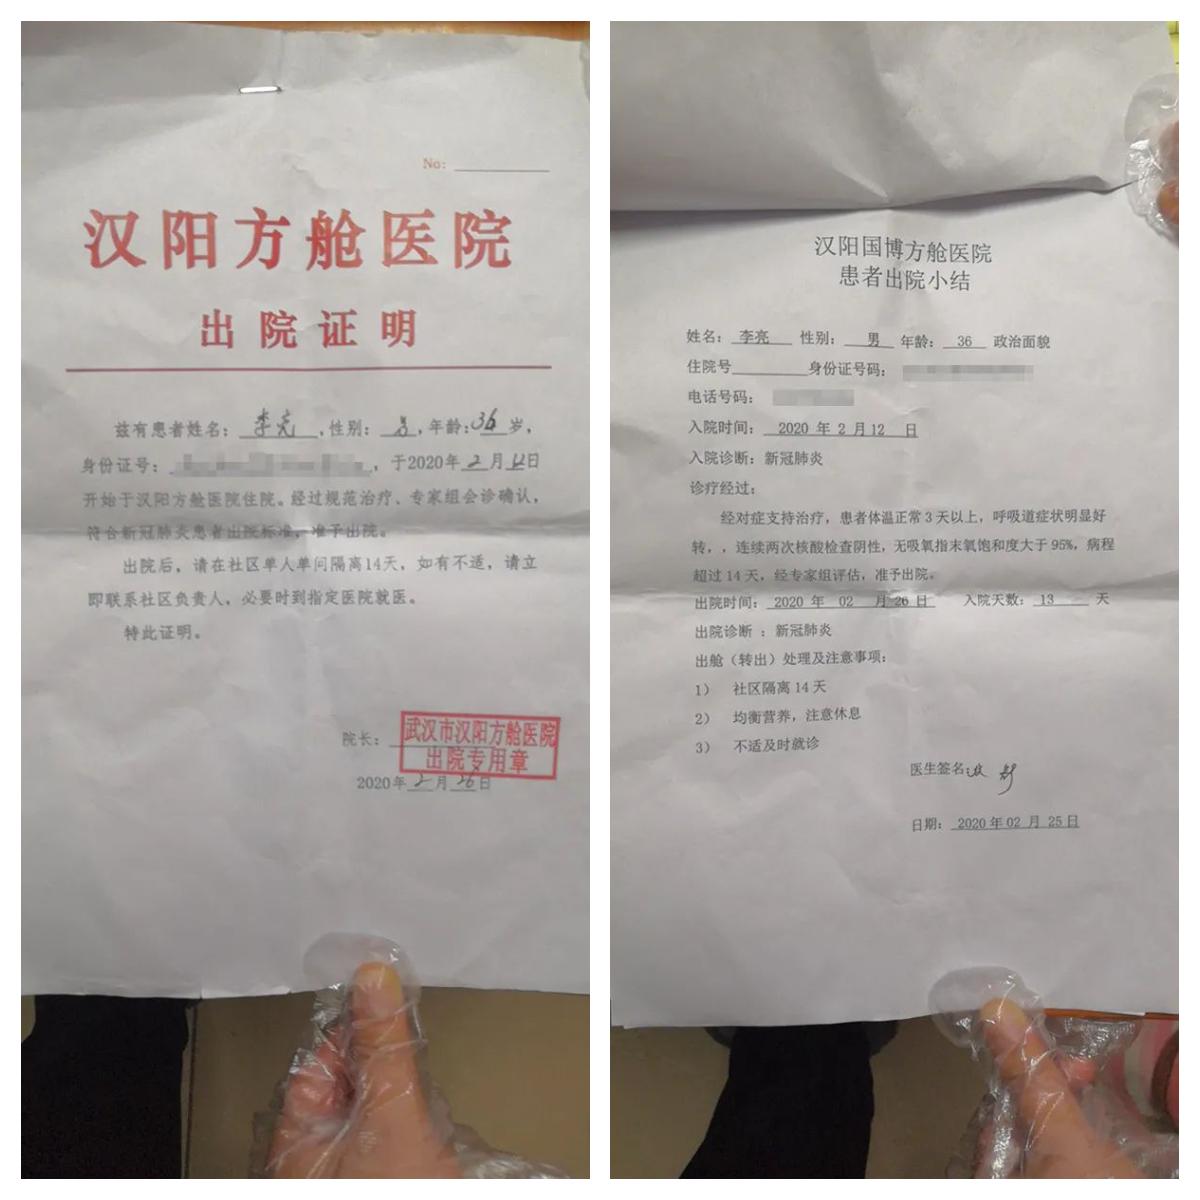 武漢一中共肺炎患者出院後死亡 消息被刪